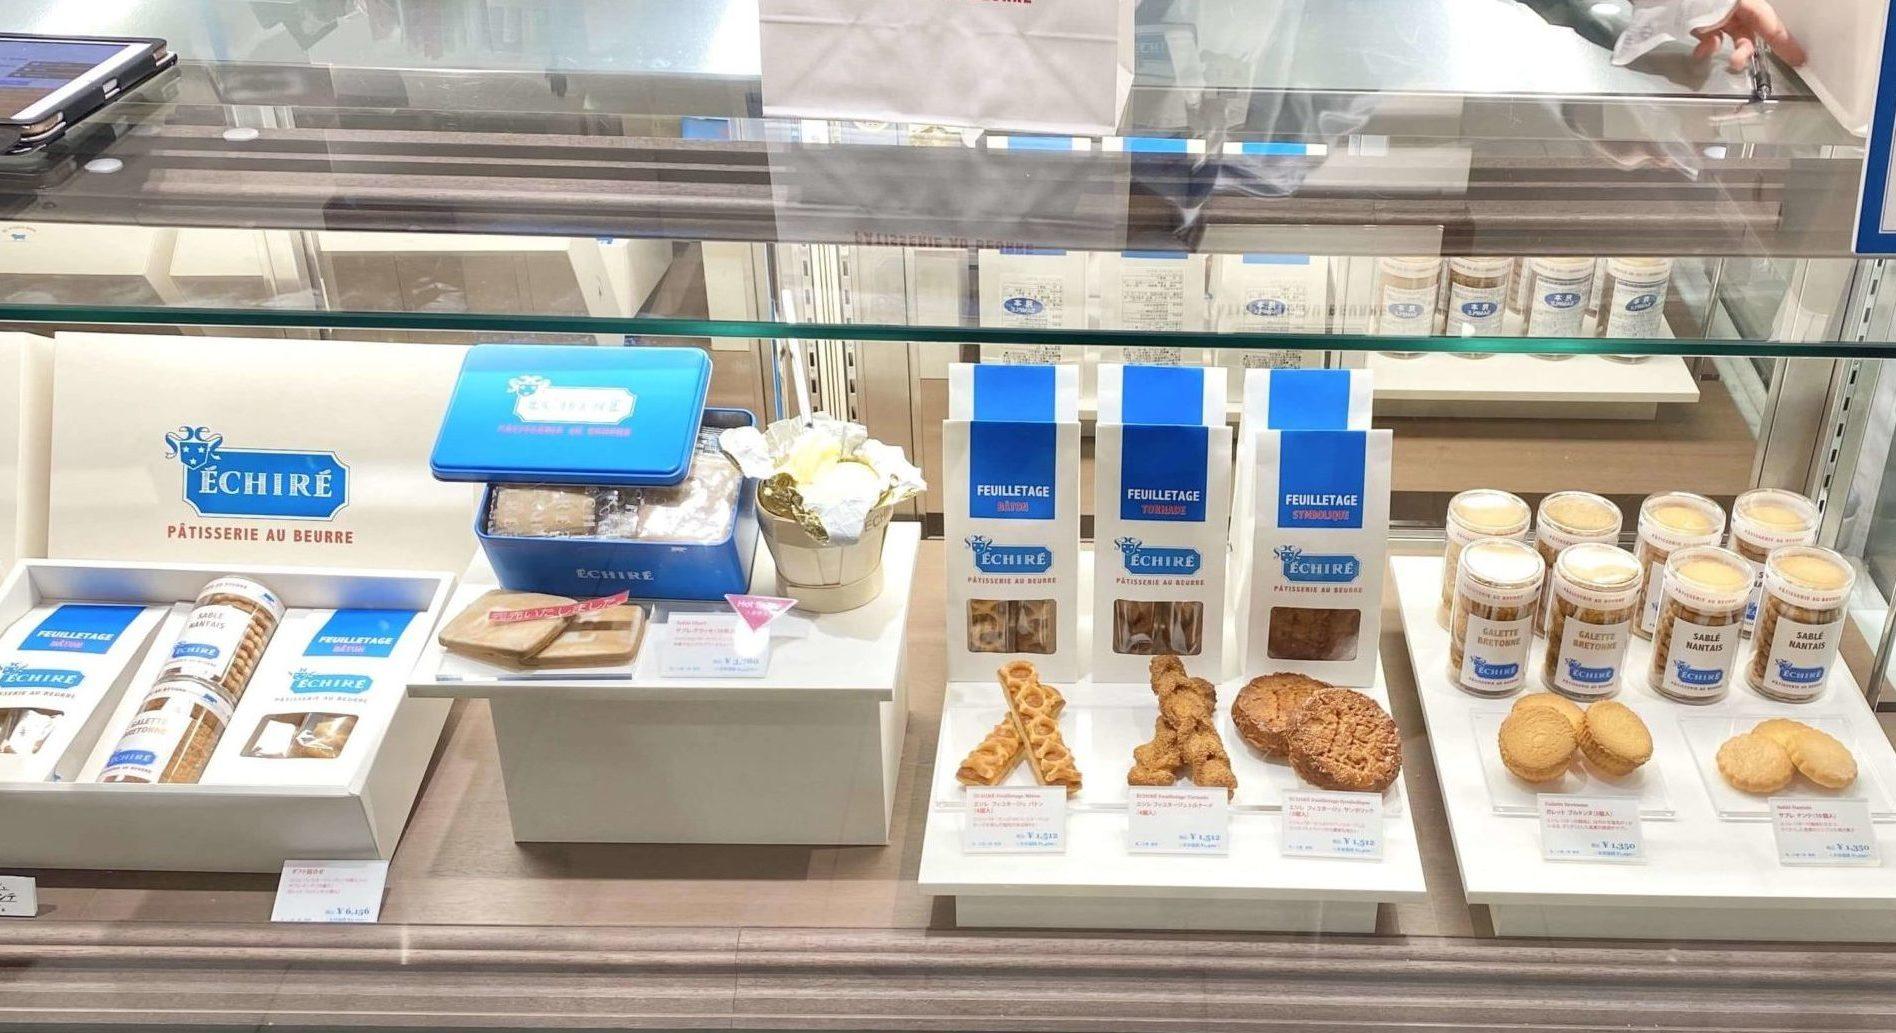 サブレグラッセと他の焼き菓子の陳列